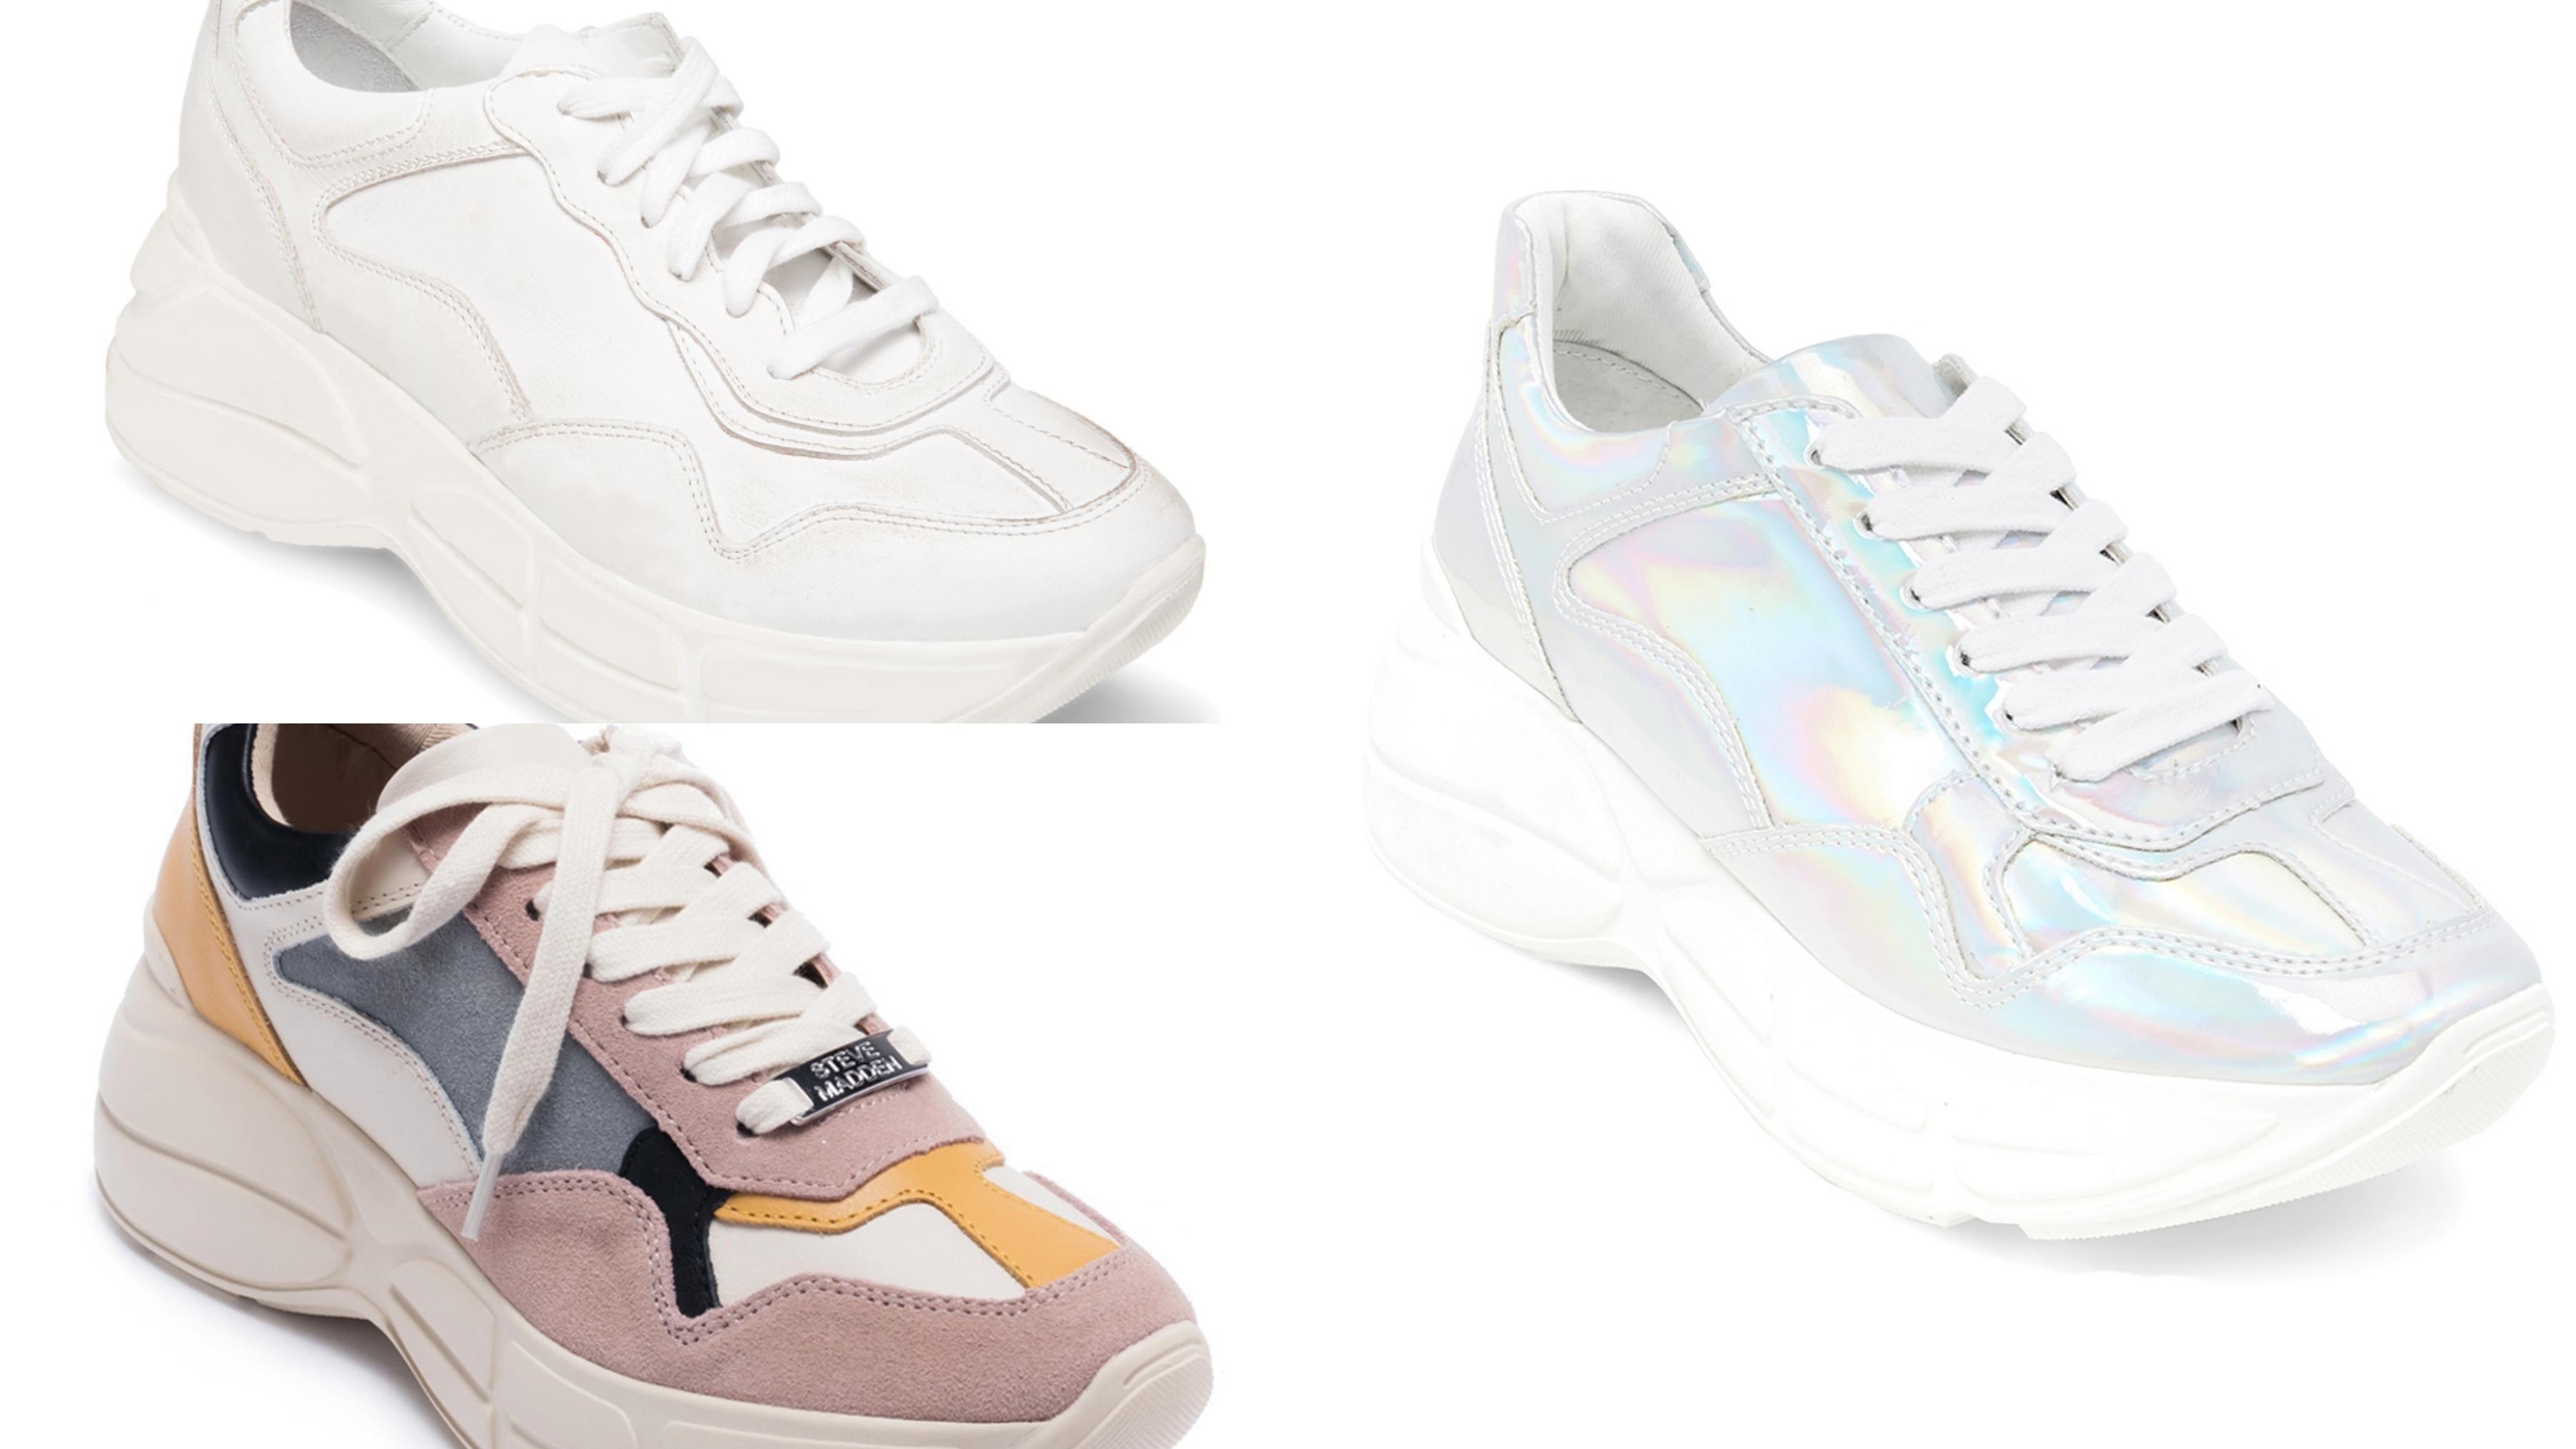 復古「老爹鞋」風潮,適合女孩的圓潤楦頭,獨家楦頭包覆性高修飾腳型